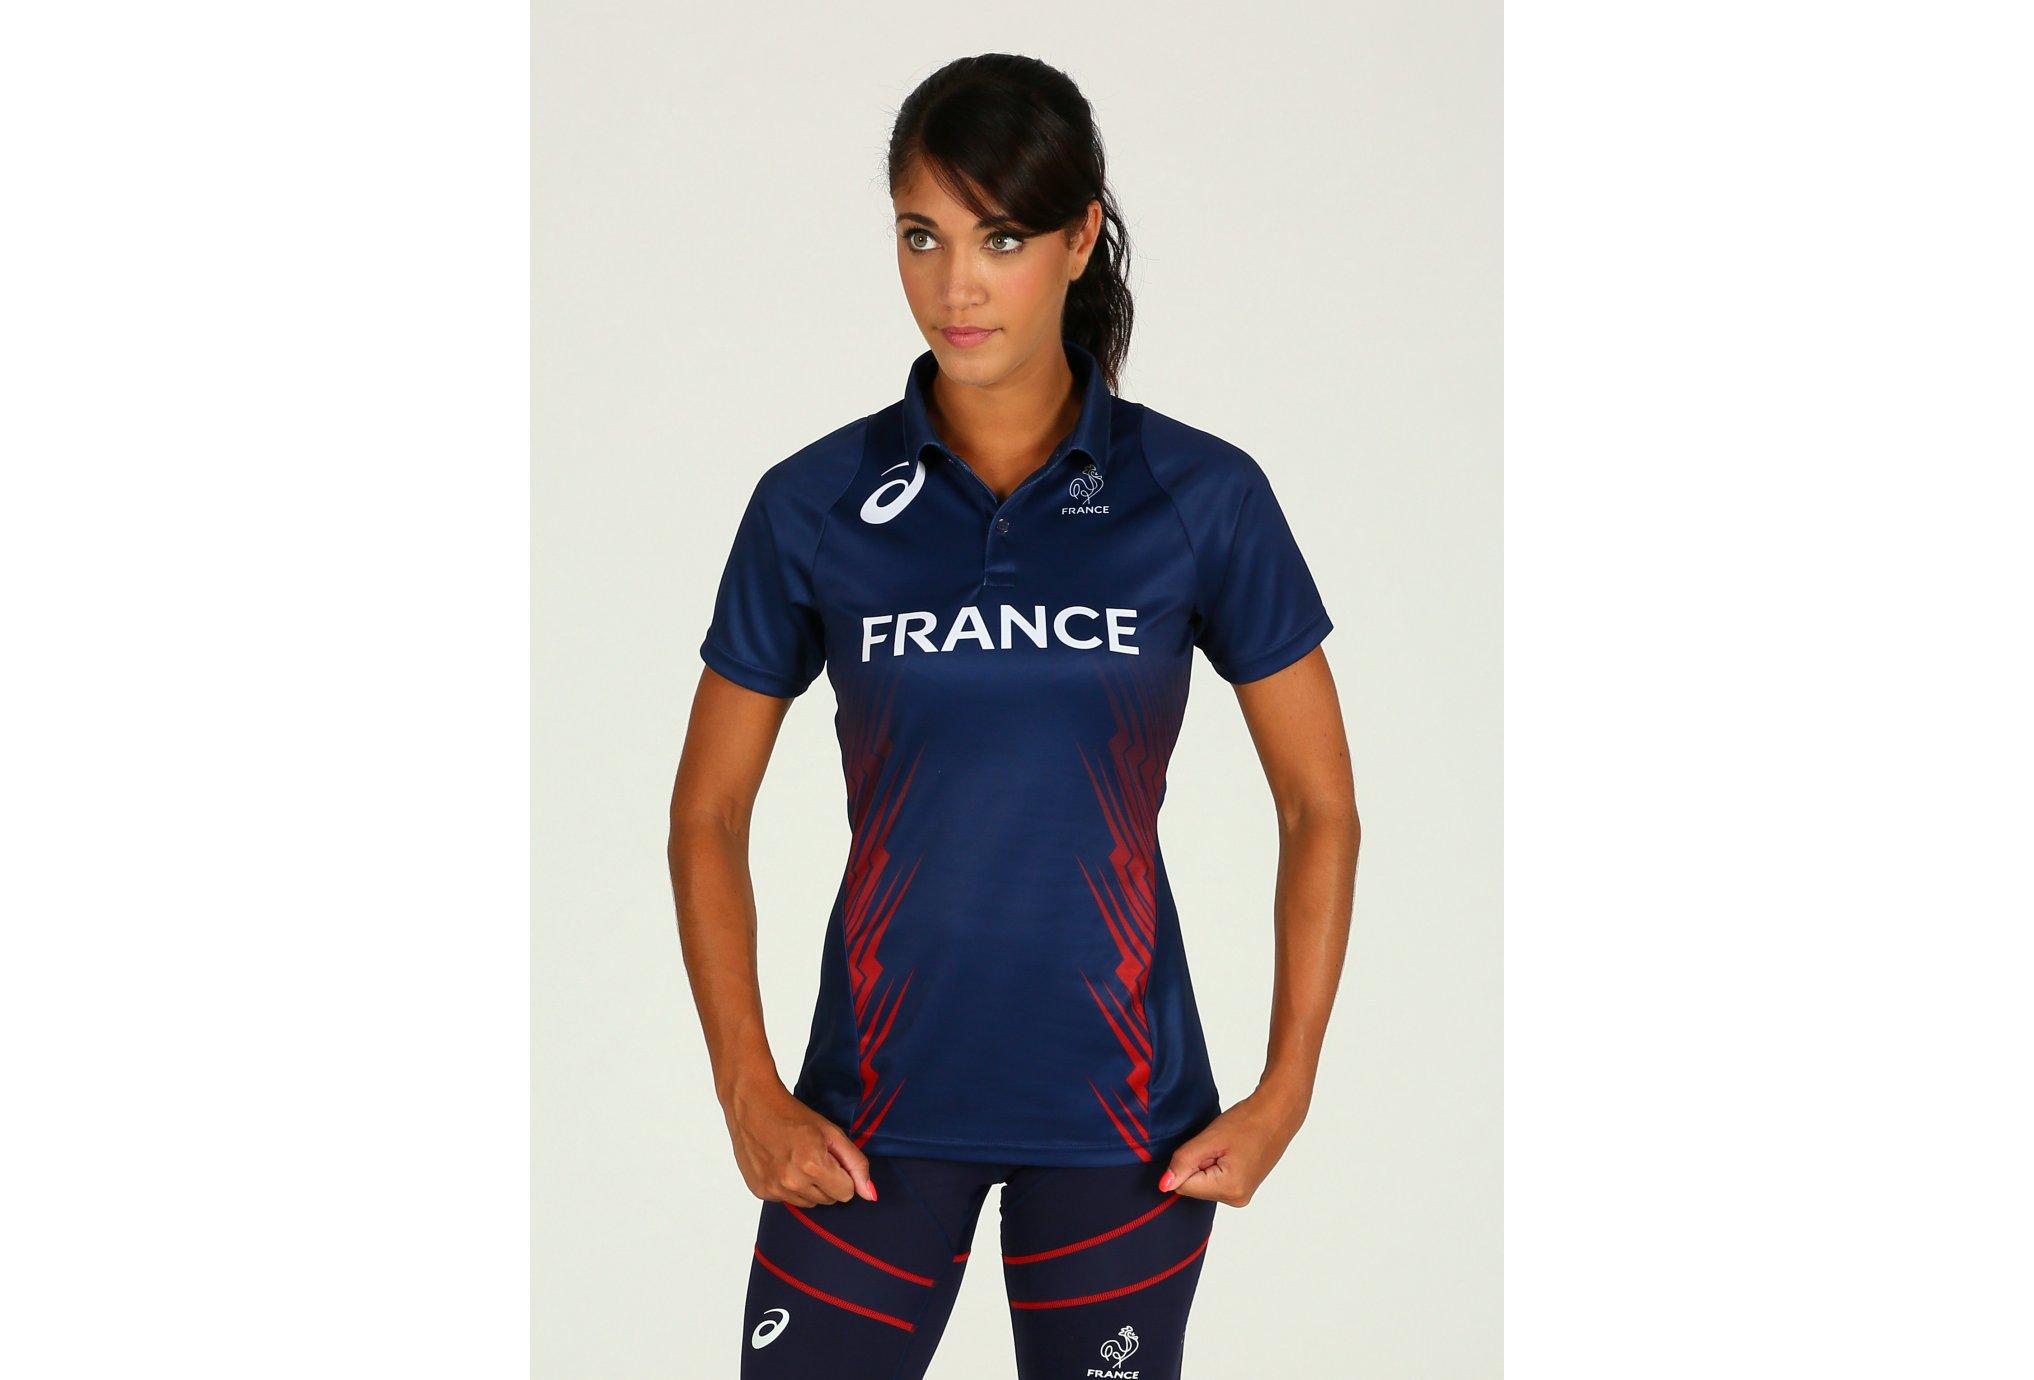 Asics Polo Rio Équipe de France W Diététique Vêtements femme